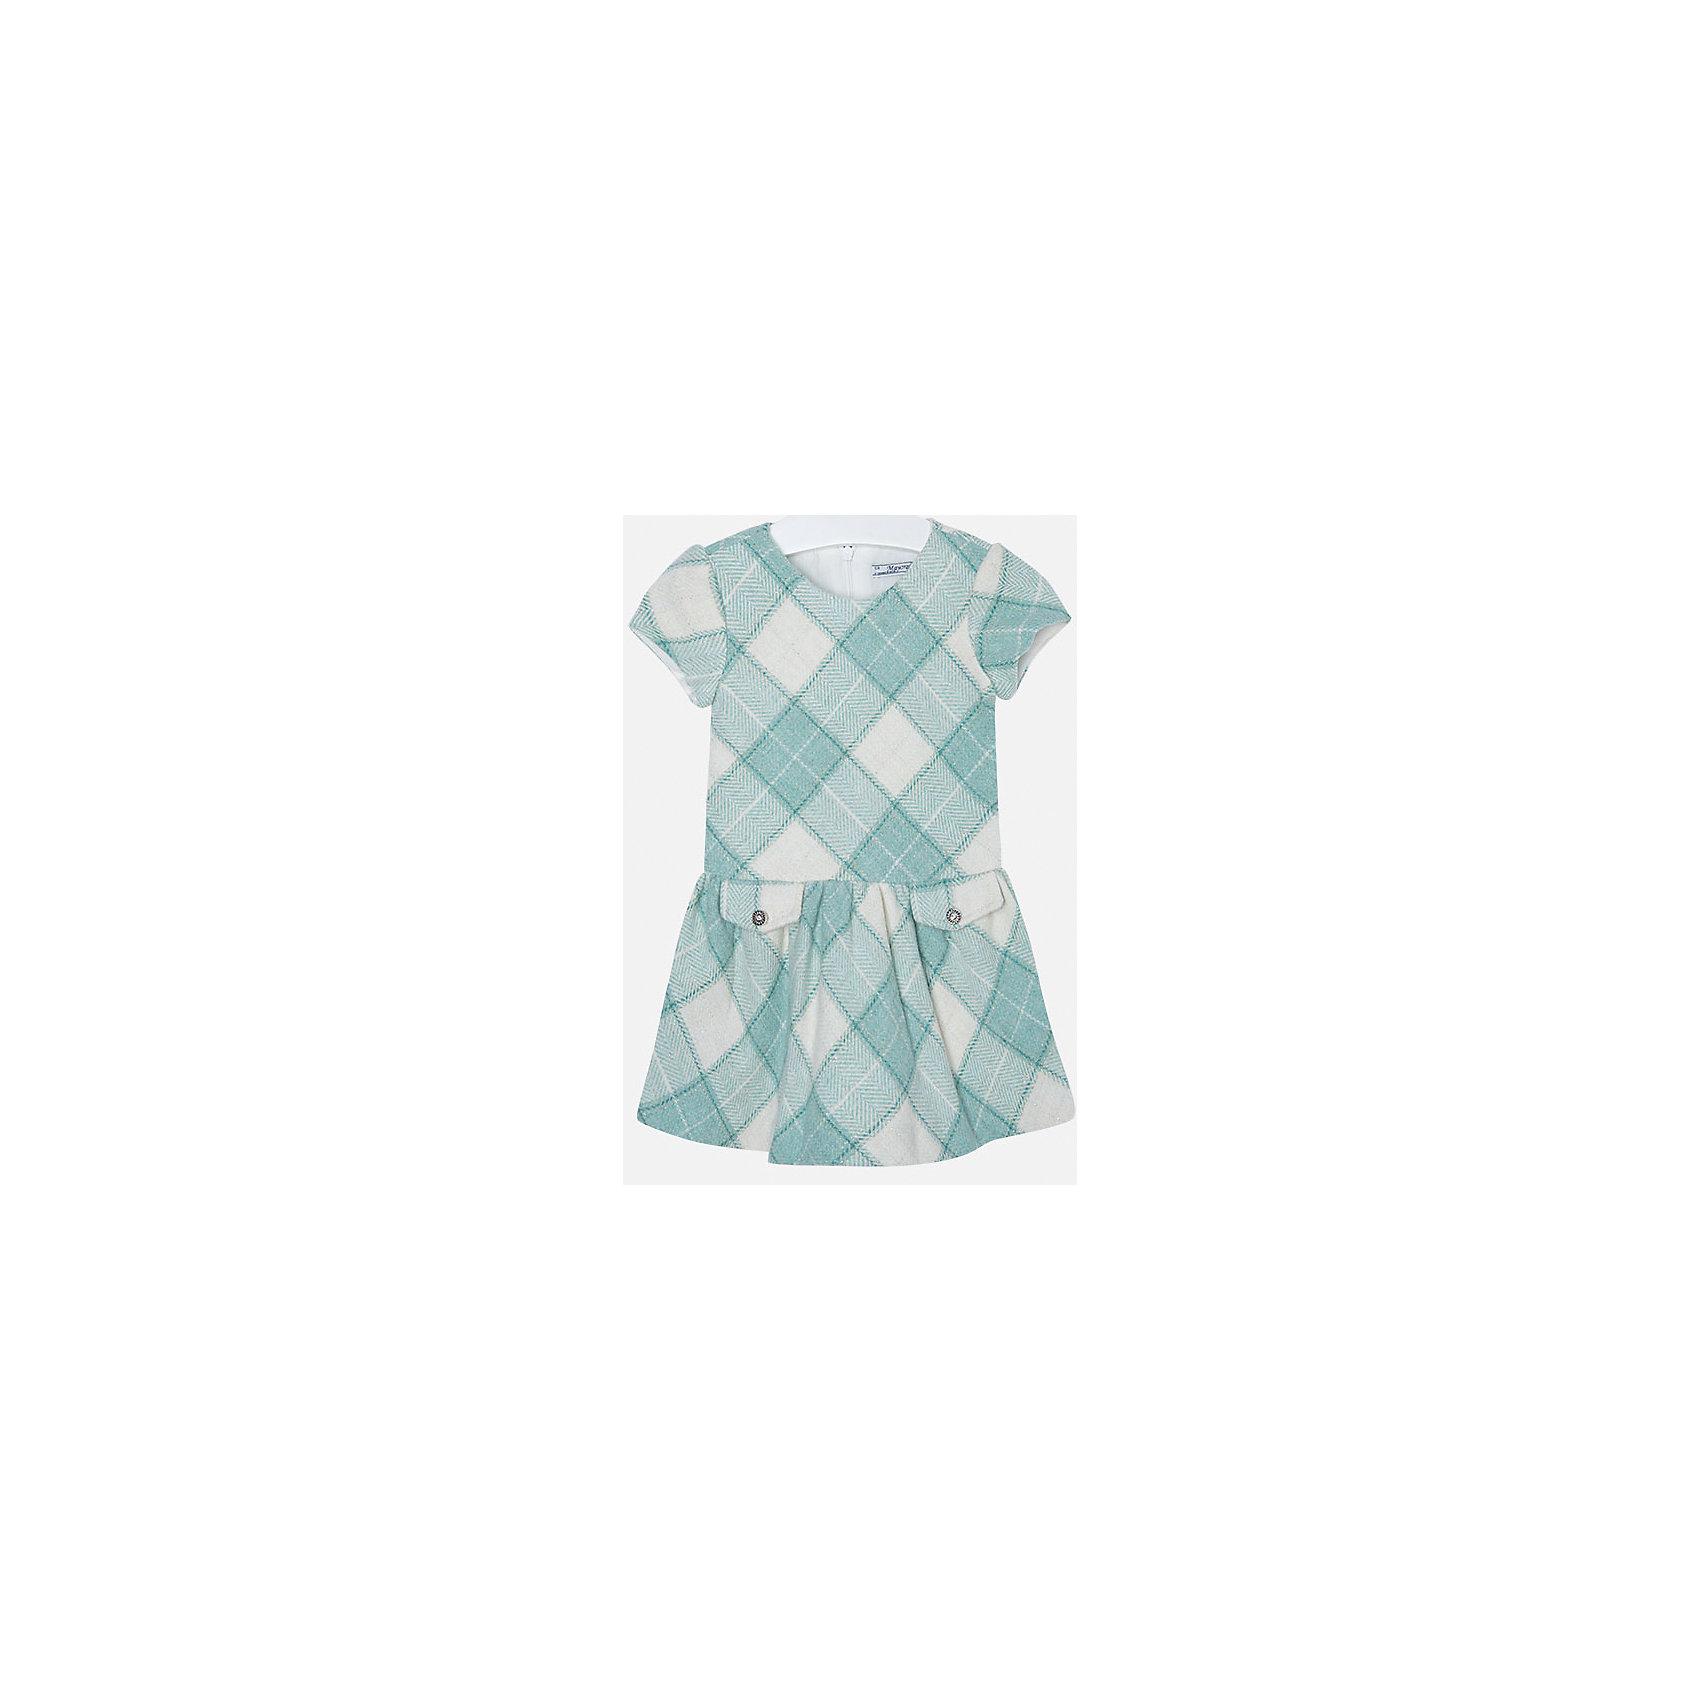 Платье для девочки MayoralПлатье для девочки от популярного испанского бренда Mayoral(Майорал). Платье застегивается на молнию сзади, есть 2 декоративных кармана спереди. Платье нежных цветов с простым дизайном - прекрасный выбор для юной леди.<br>Дополнительная информация:<br>-короткие рукава<br>-застегивается на молнию<br>-2 декоративных кармана<br>-цвет: изумрудный<br>-состав. 53% полиэстер, 23% шерсть, 22% полиамид, 2% металлическое волокно; подкладка: 50% хлопок, 50% полиэстер<br>Платье Mayoral(Майорал) вы можете приобрести в нашем интернет-магазине.<br><br>Ширина мм: 236<br>Глубина мм: 16<br>Высота мм: 184<br>Вес г: 177<br>Цвет: зеленый<br>Возраст от месяцев: 96<br>Возраст до месяцев: 108<br>Пол: Женский<br>Возраст: Детский<br>Размер: 128,134,98,104,110,116,122<br>SKU: 4844323